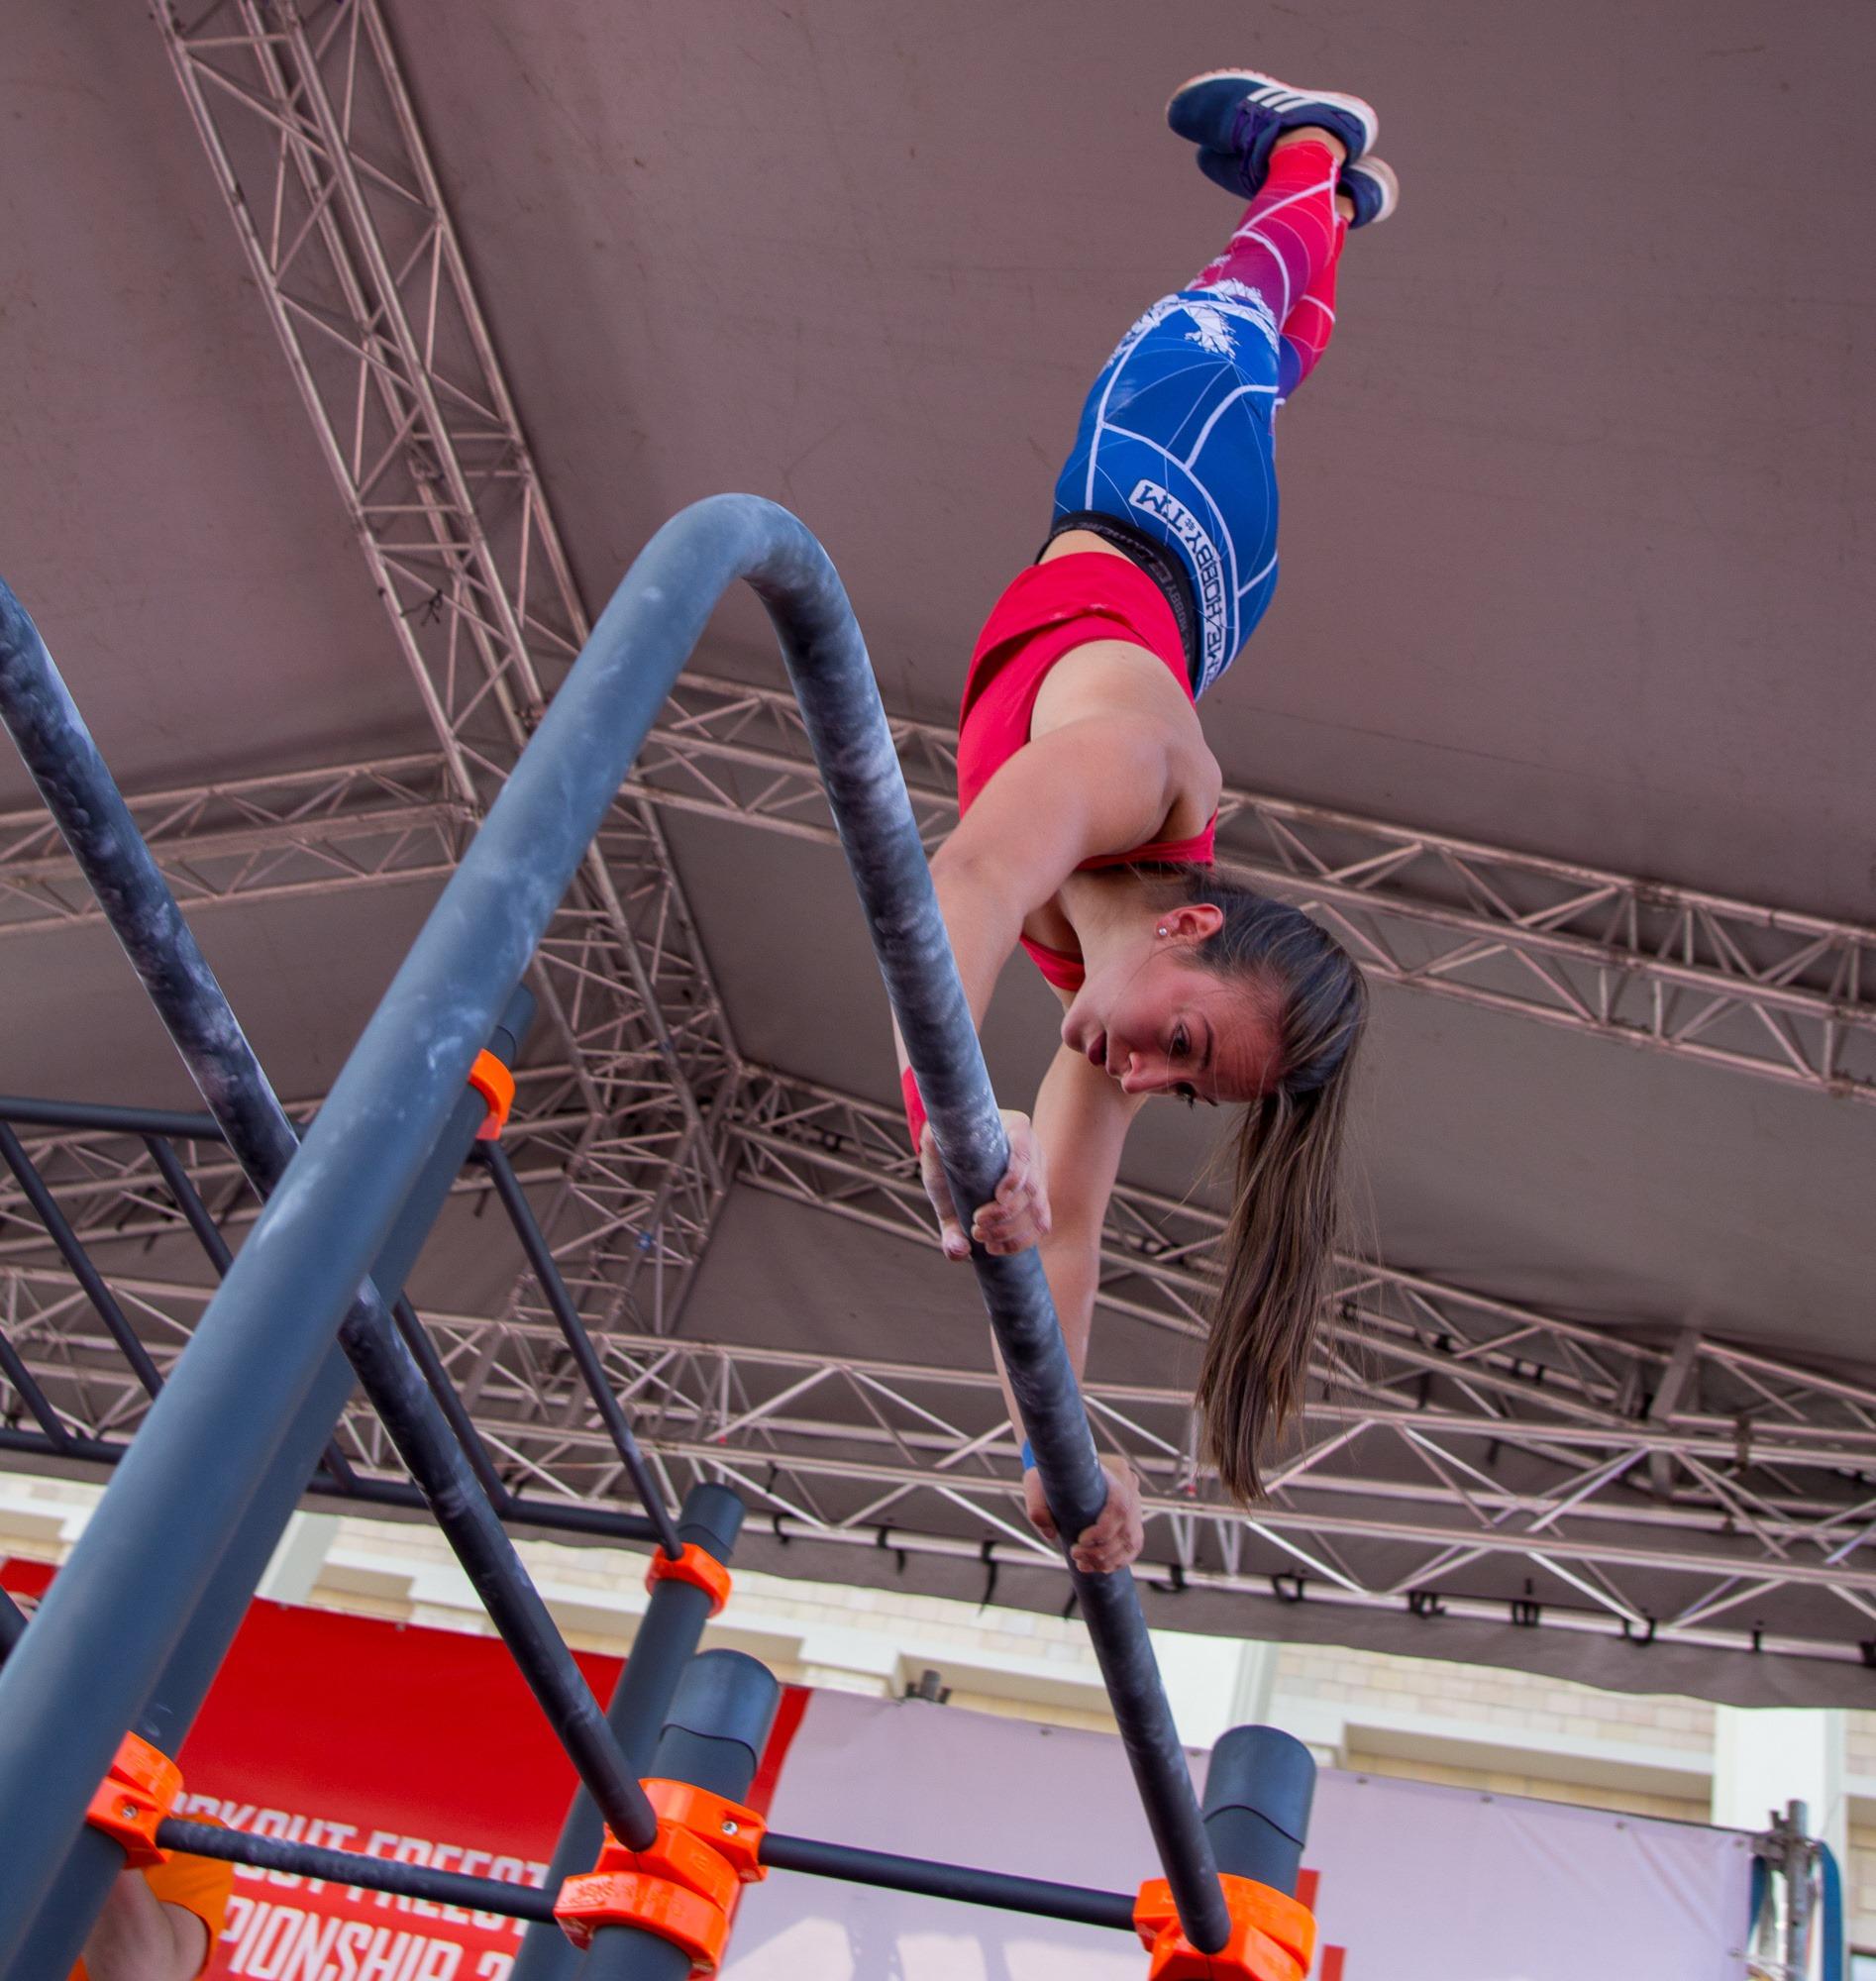 Mistrovství světa ve street workoutu 2019 - stříbrná medailistka